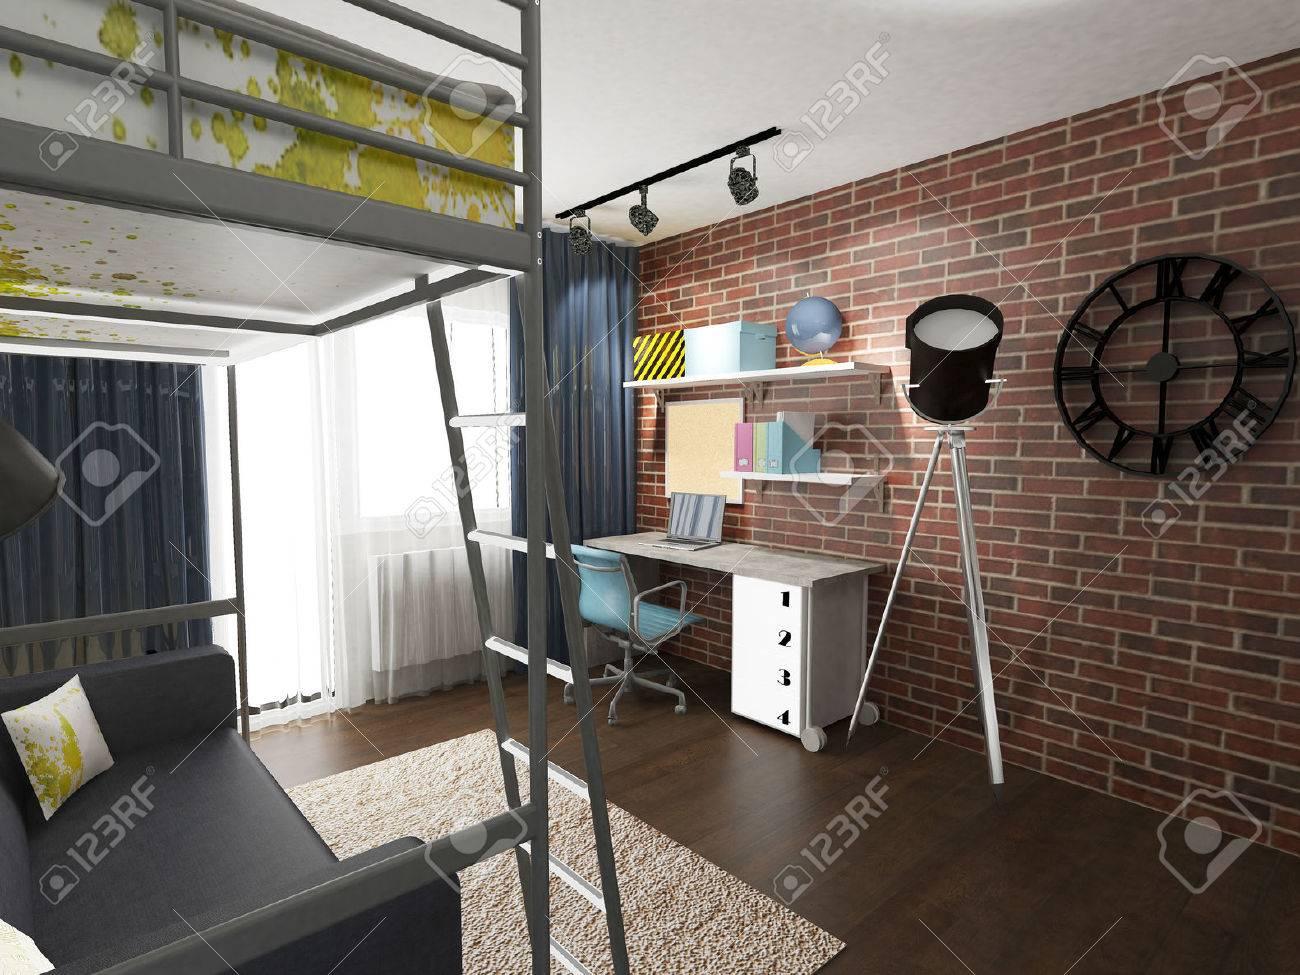 modern children room interior - 43403926